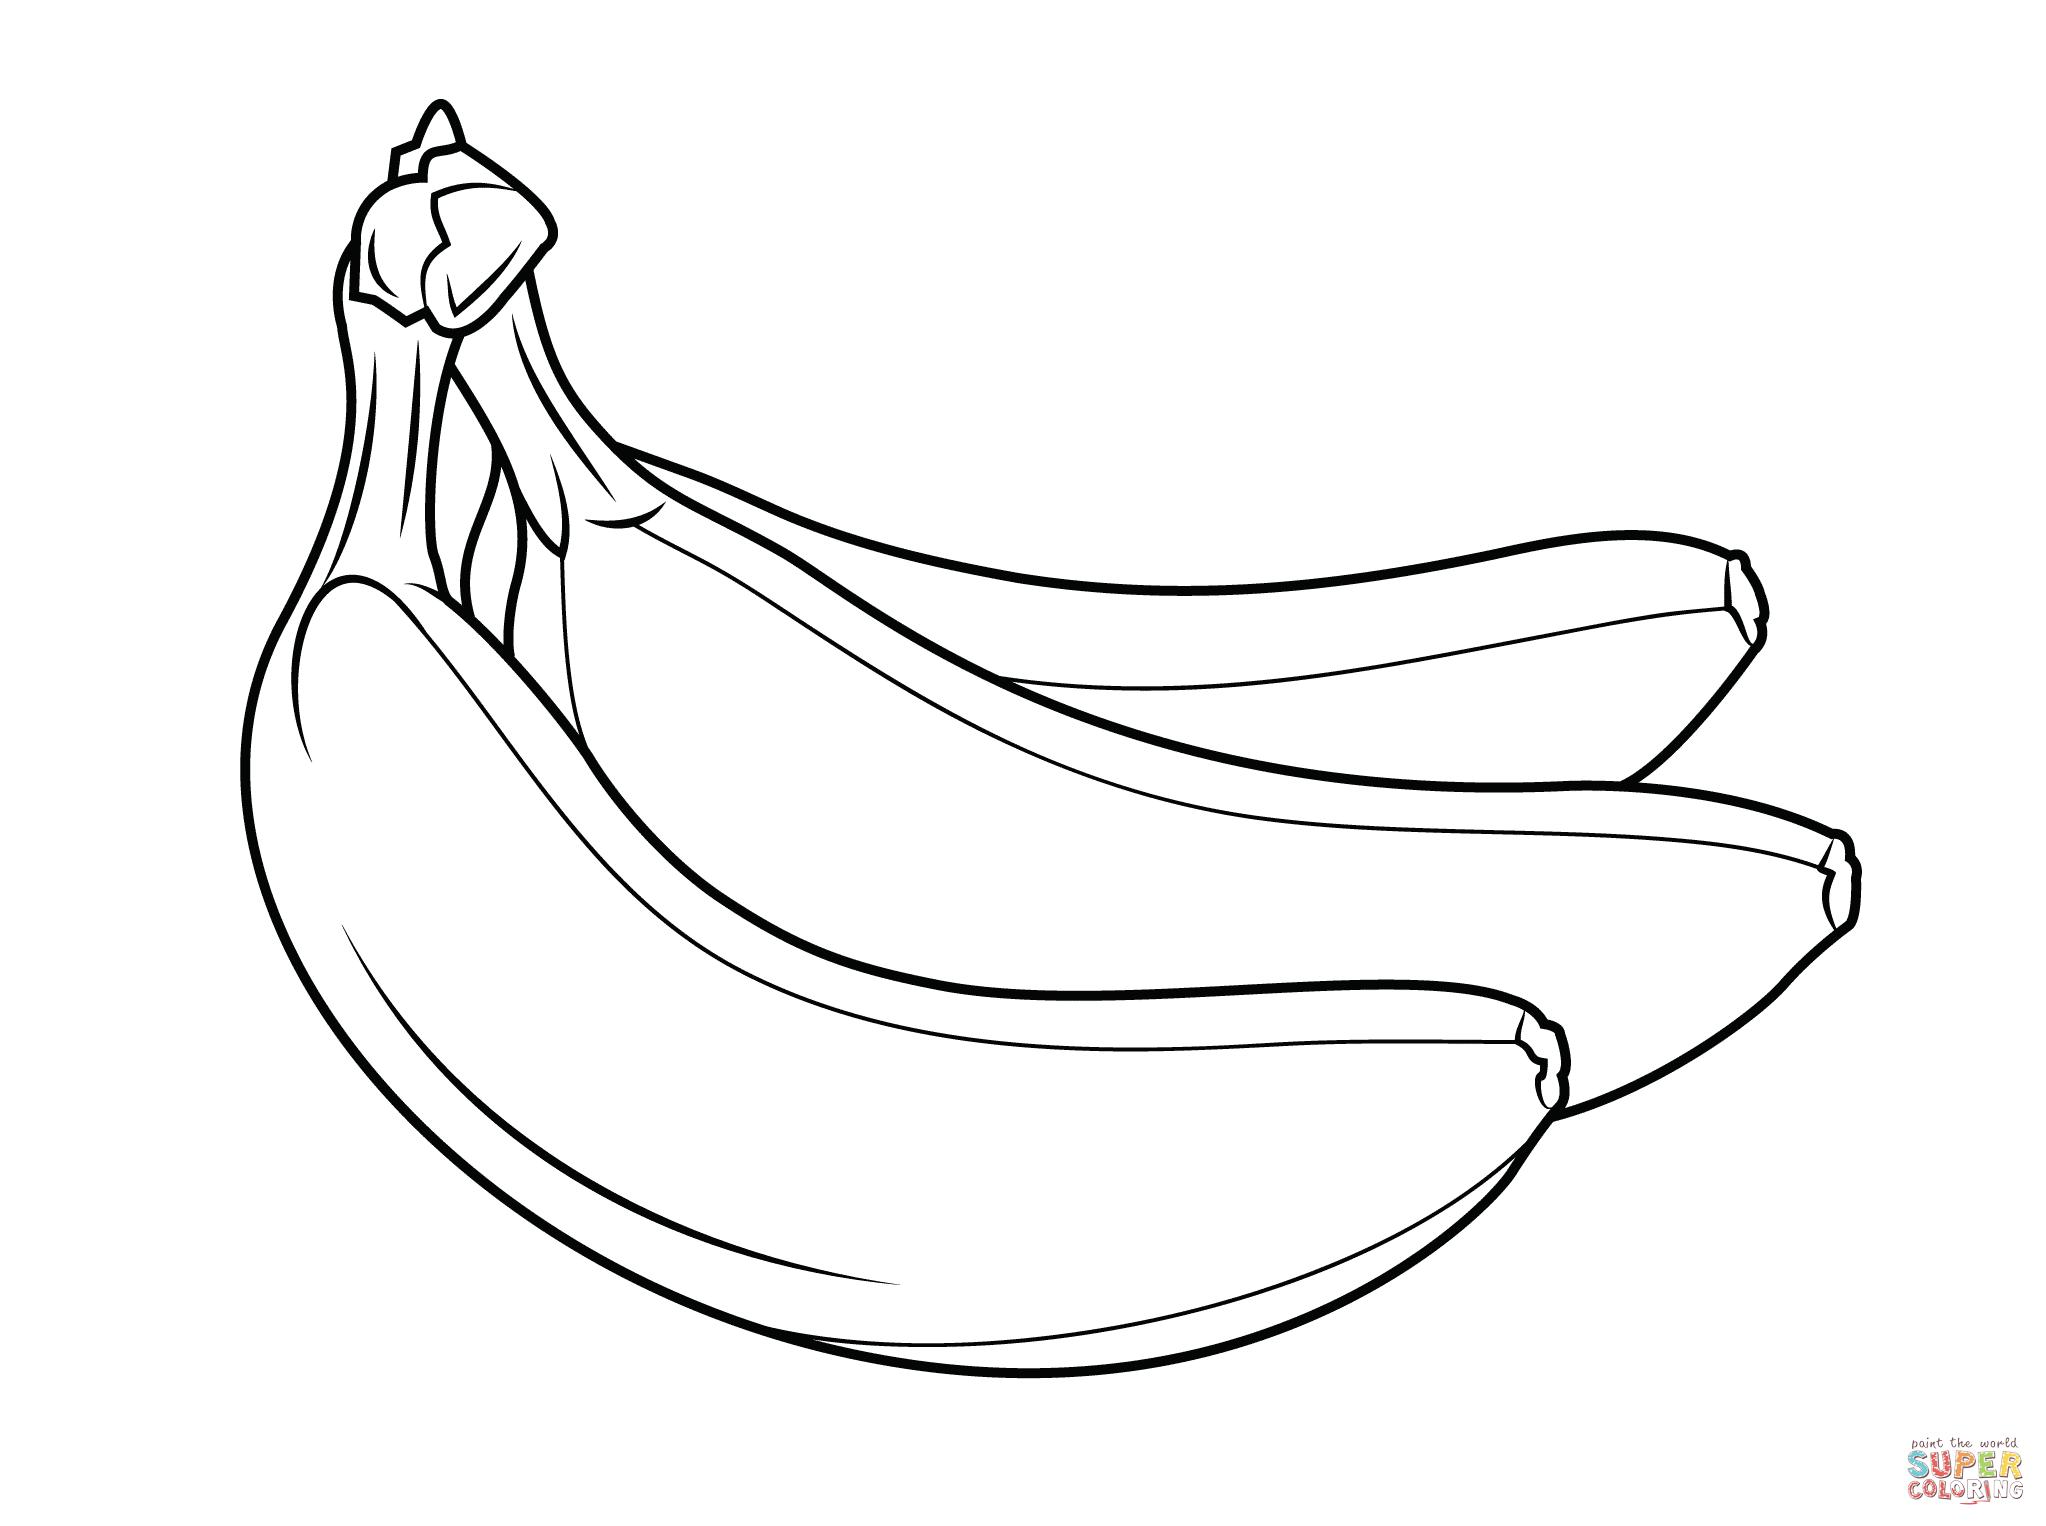 Banana clipart blank Printable coloring of Coloring bananas